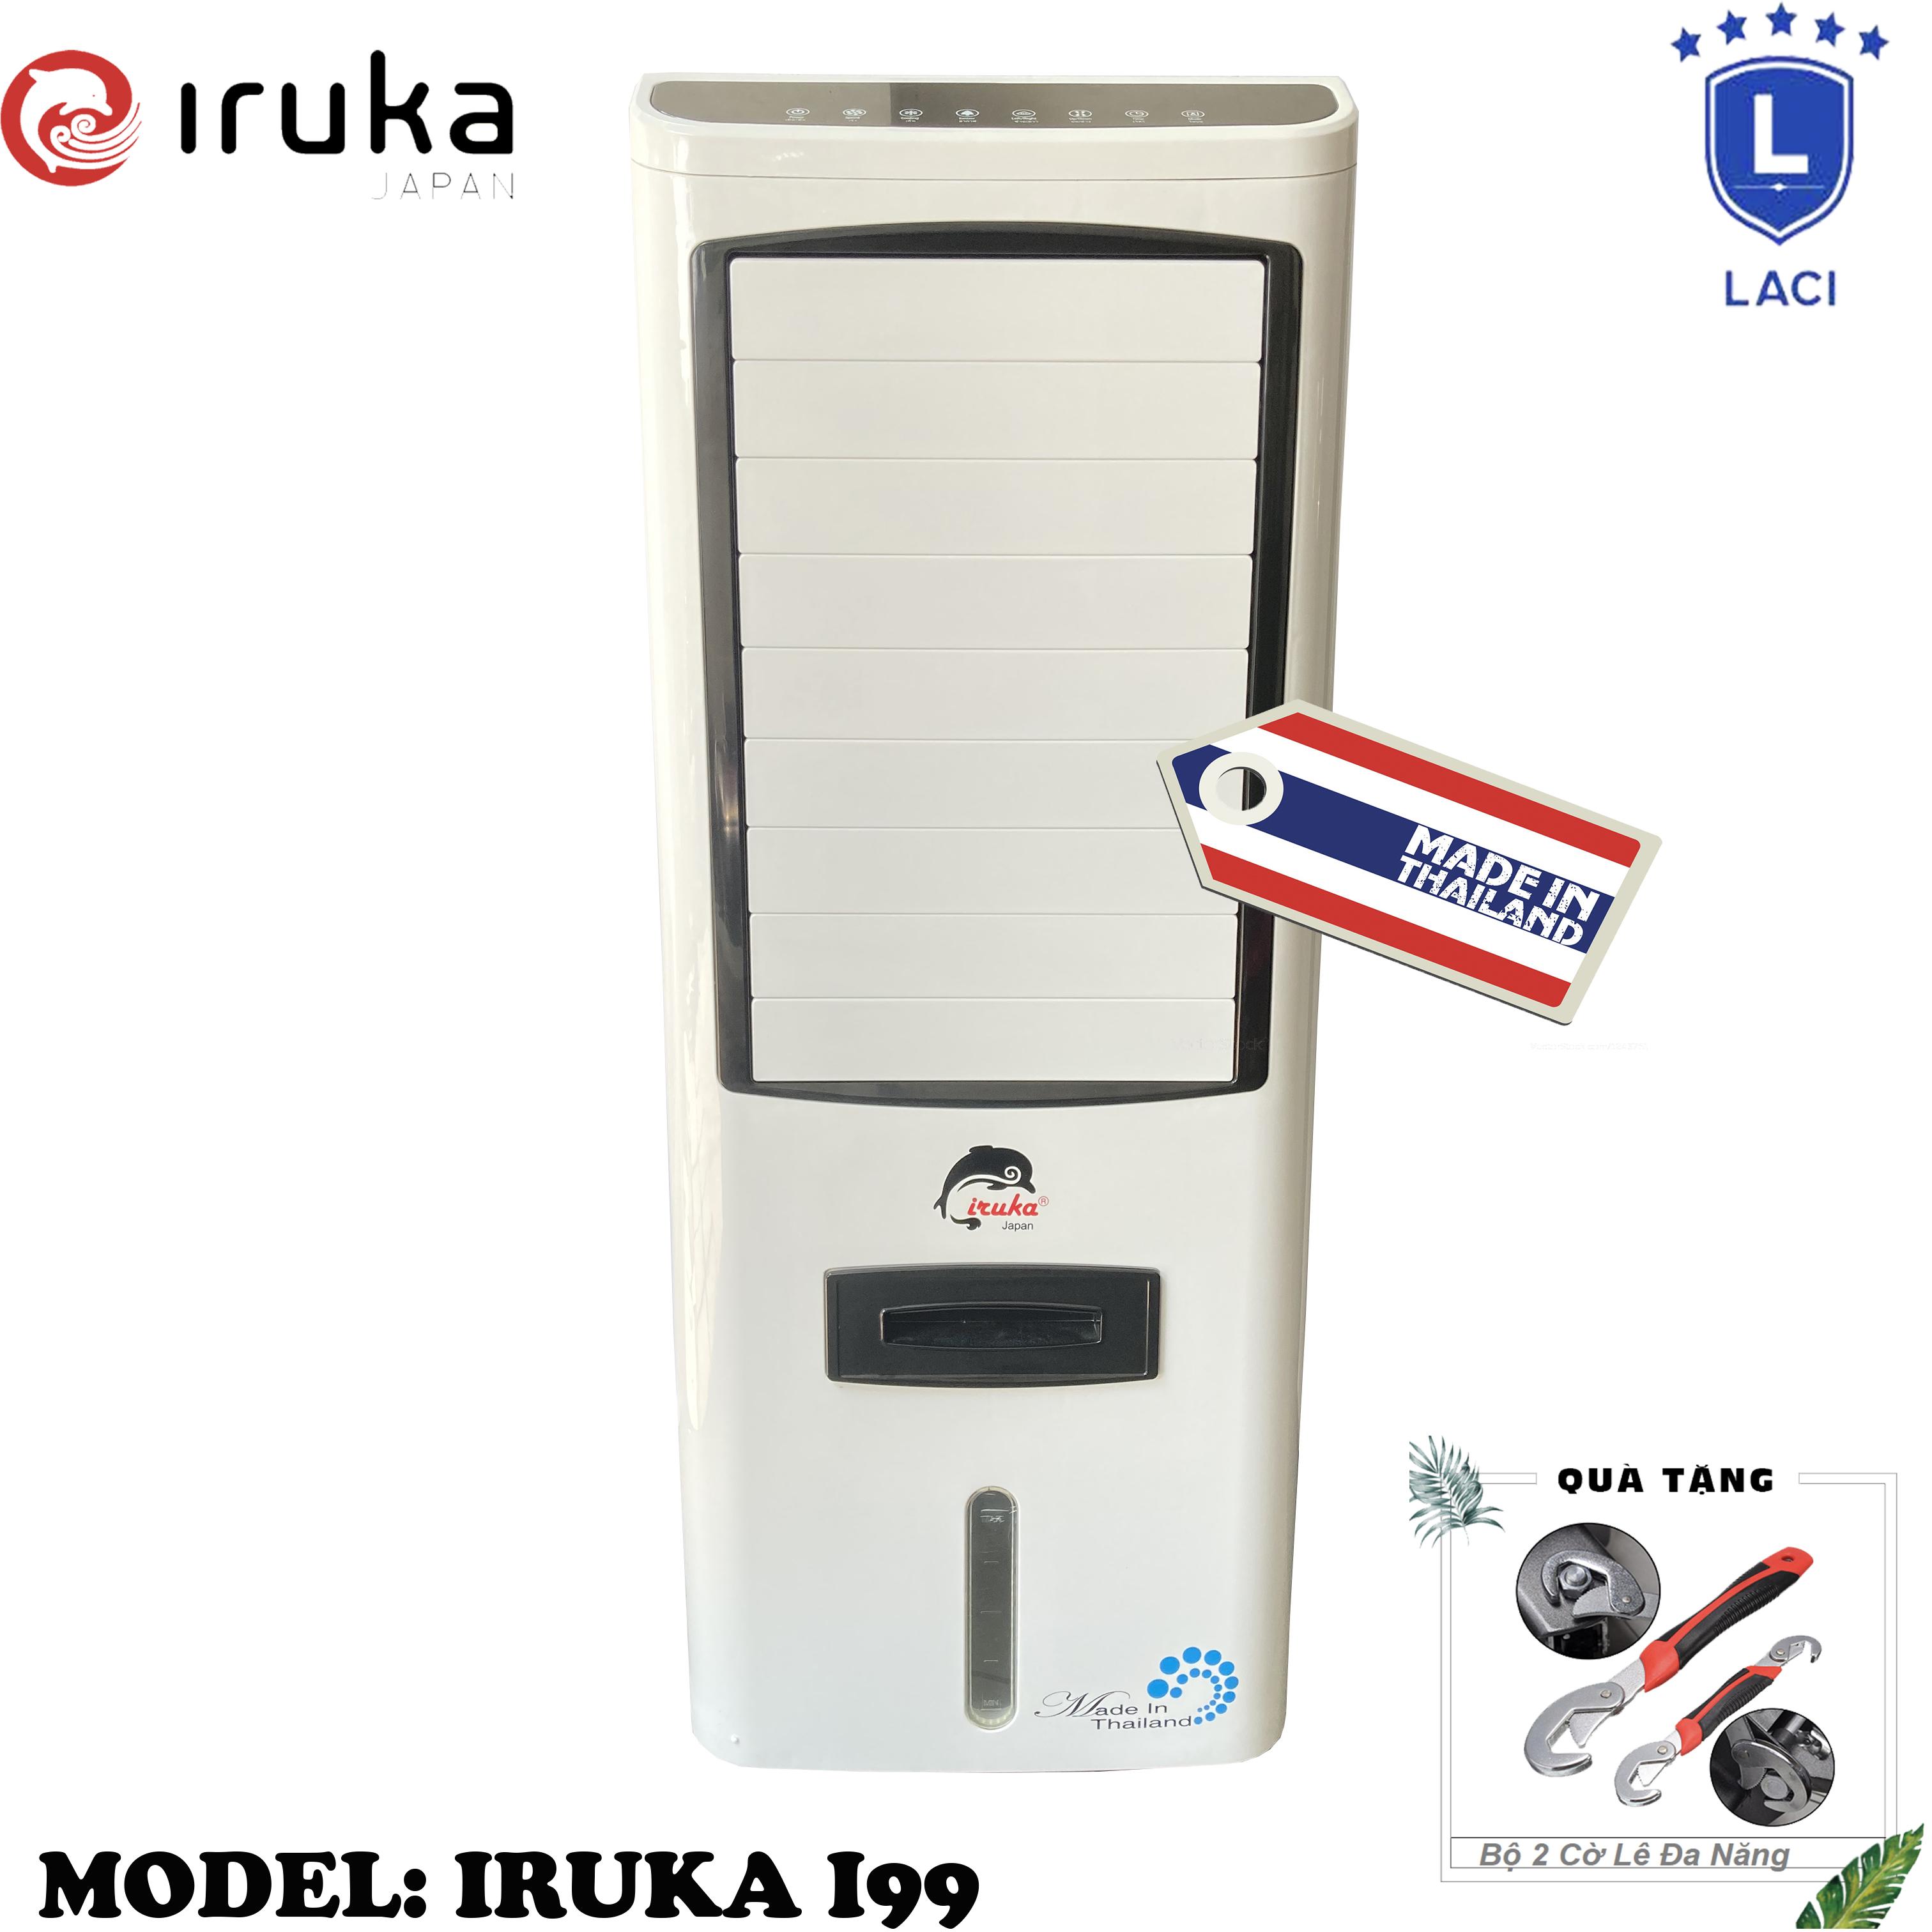 Quạt hơi nước làm lạnh không khí Iruka I99 Made In Thái Lan | Công suất 200W | Màn hình cảm ứng có remote điều khiển | BH 12 Tháng Chính Hãng | Tặng Bộ 2 Cờ Lê Đa Năng